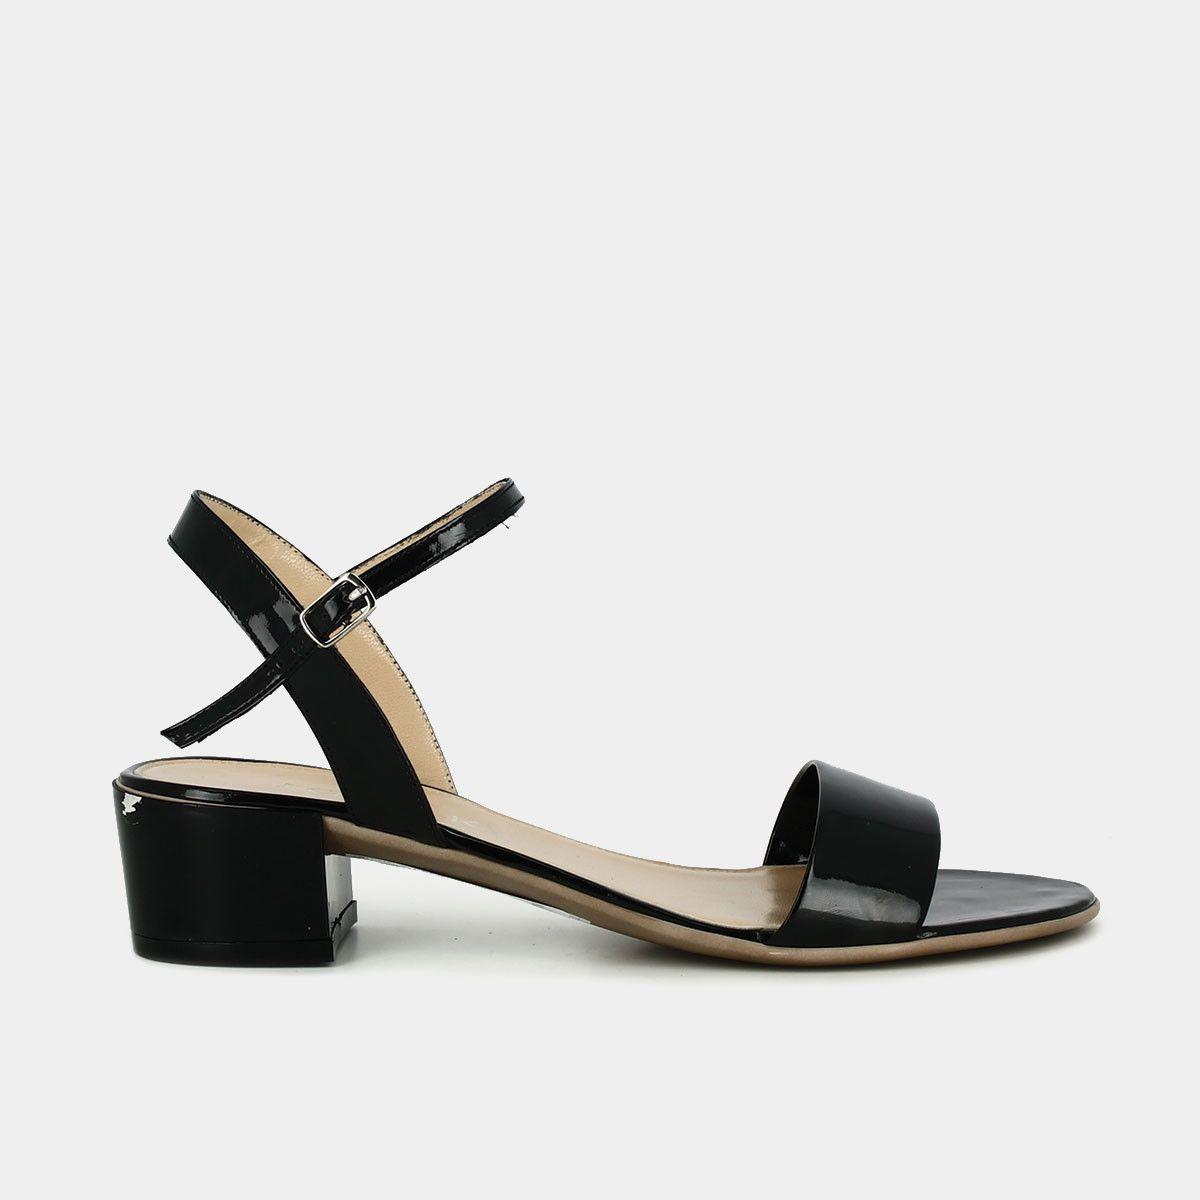 Sandales à talon carré Femme en vernis noir | Jonak